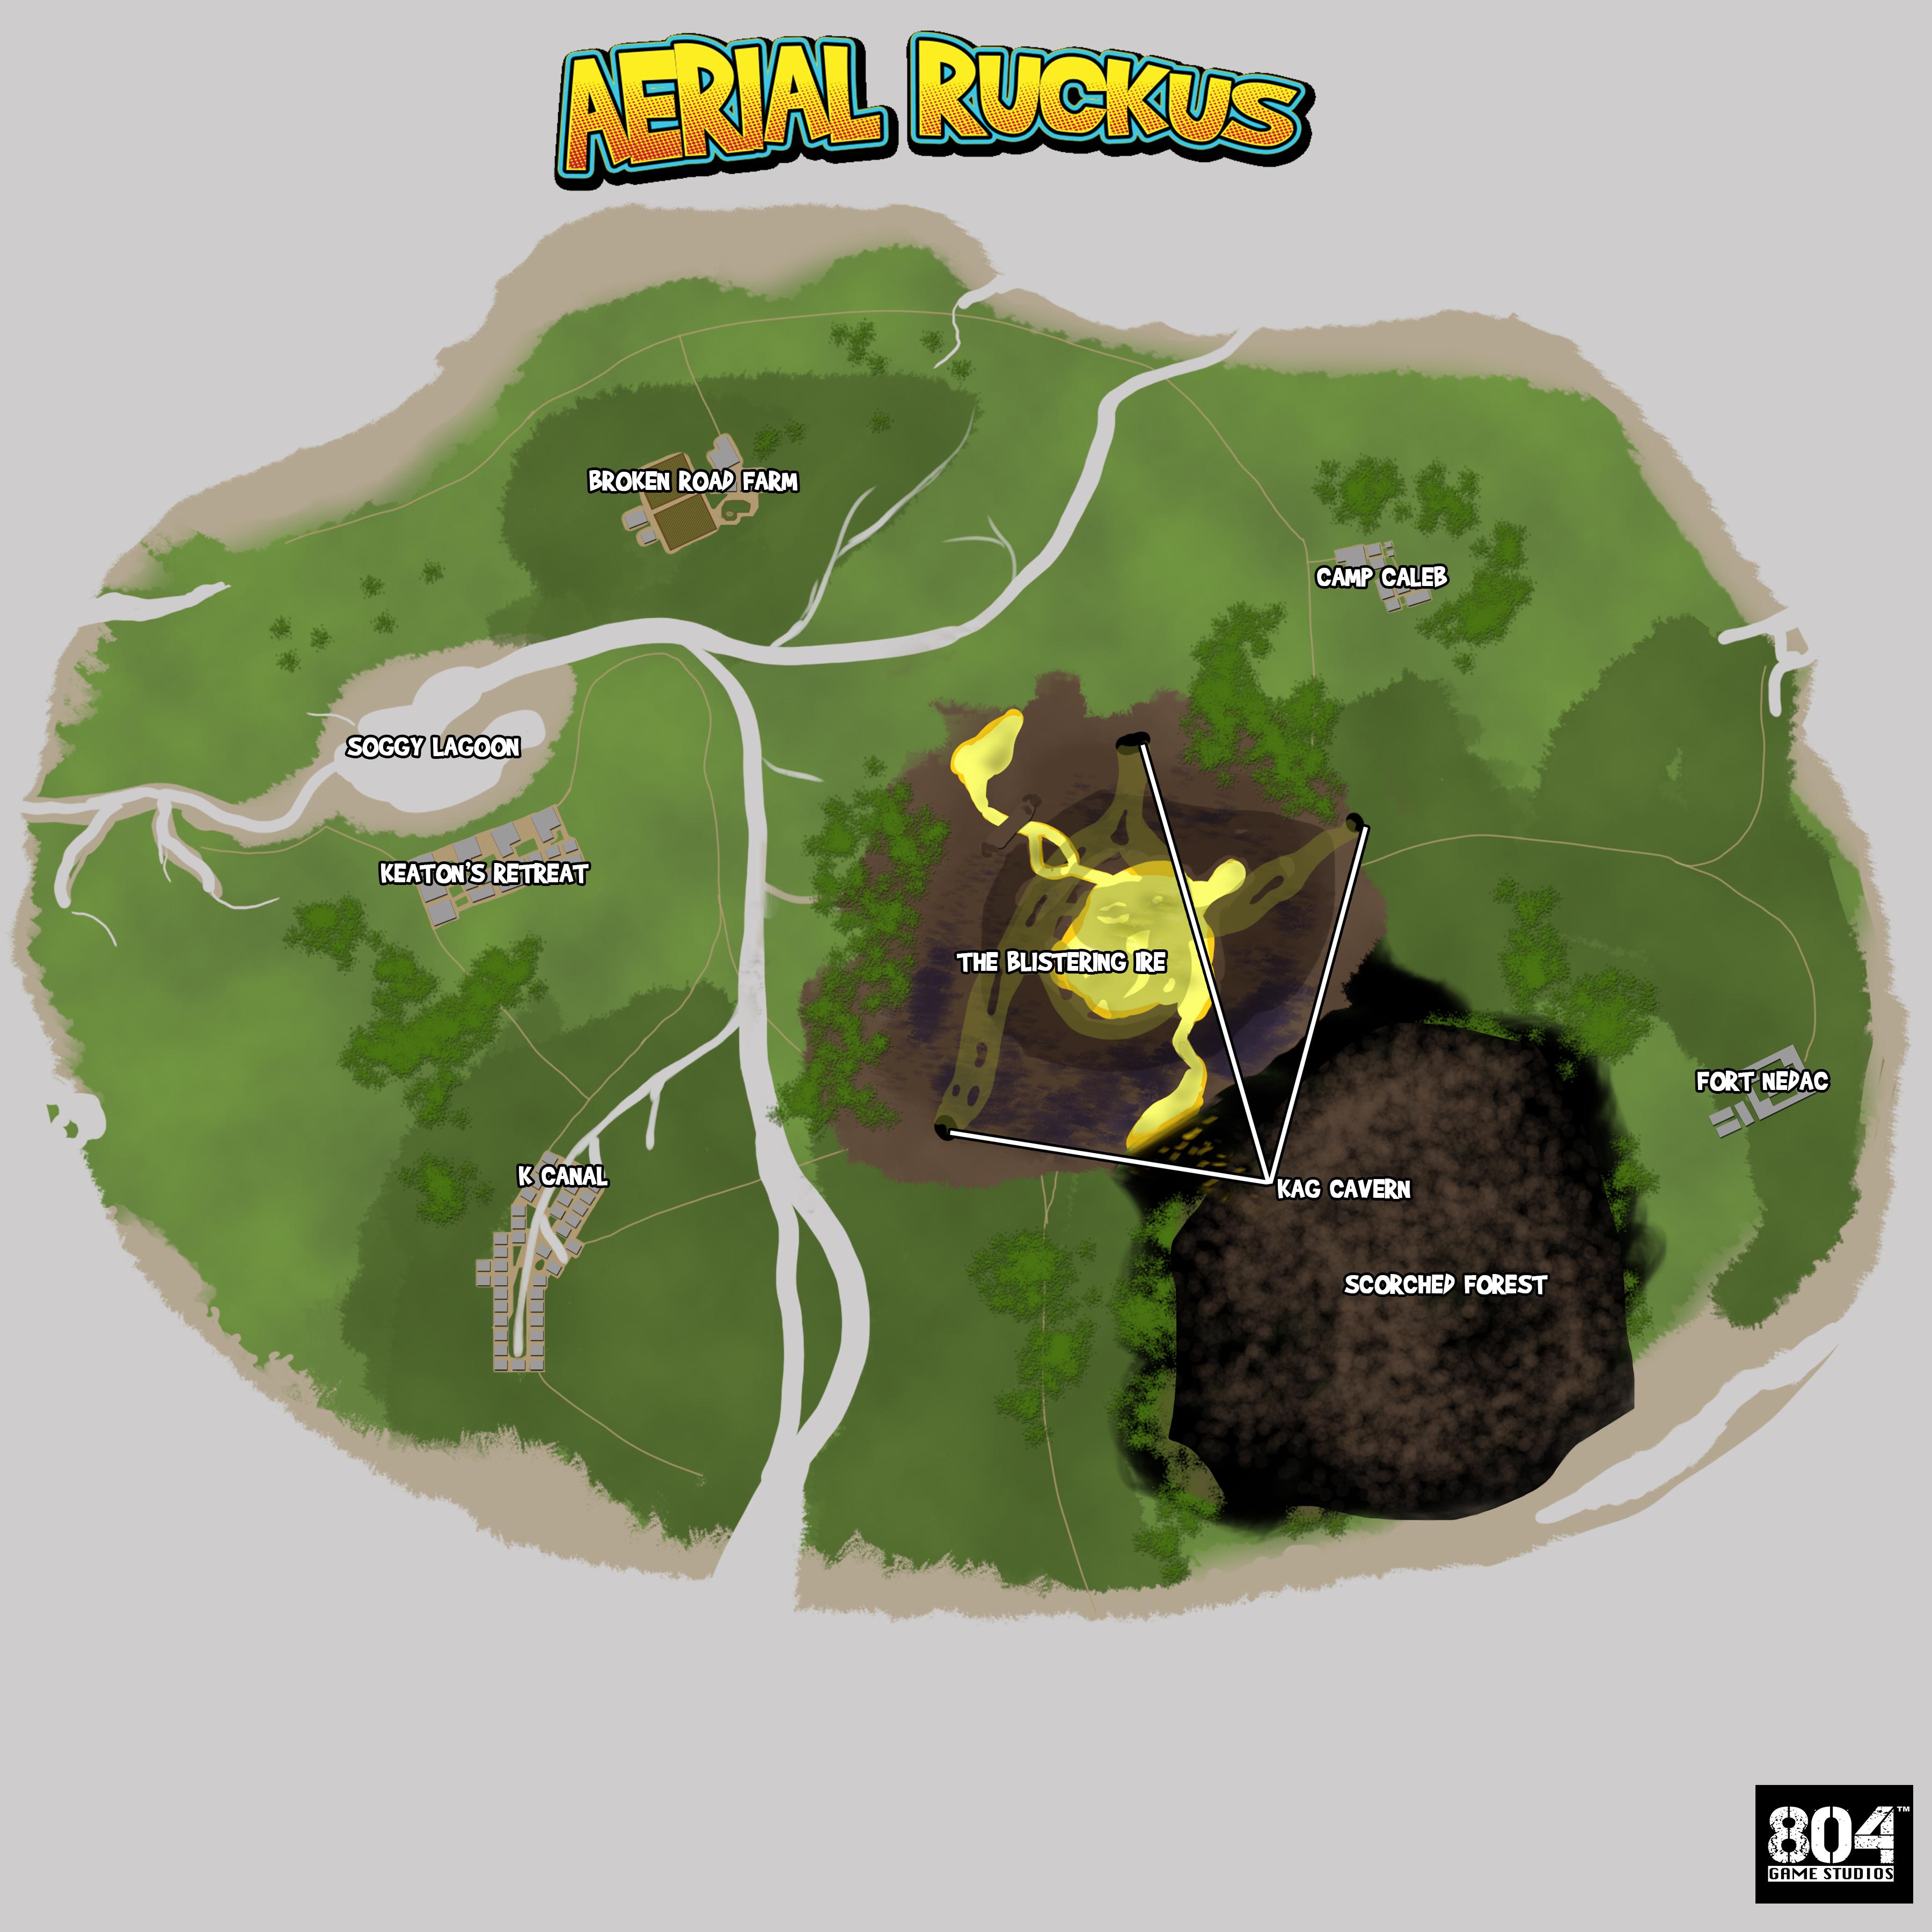 Aerial Ruckus